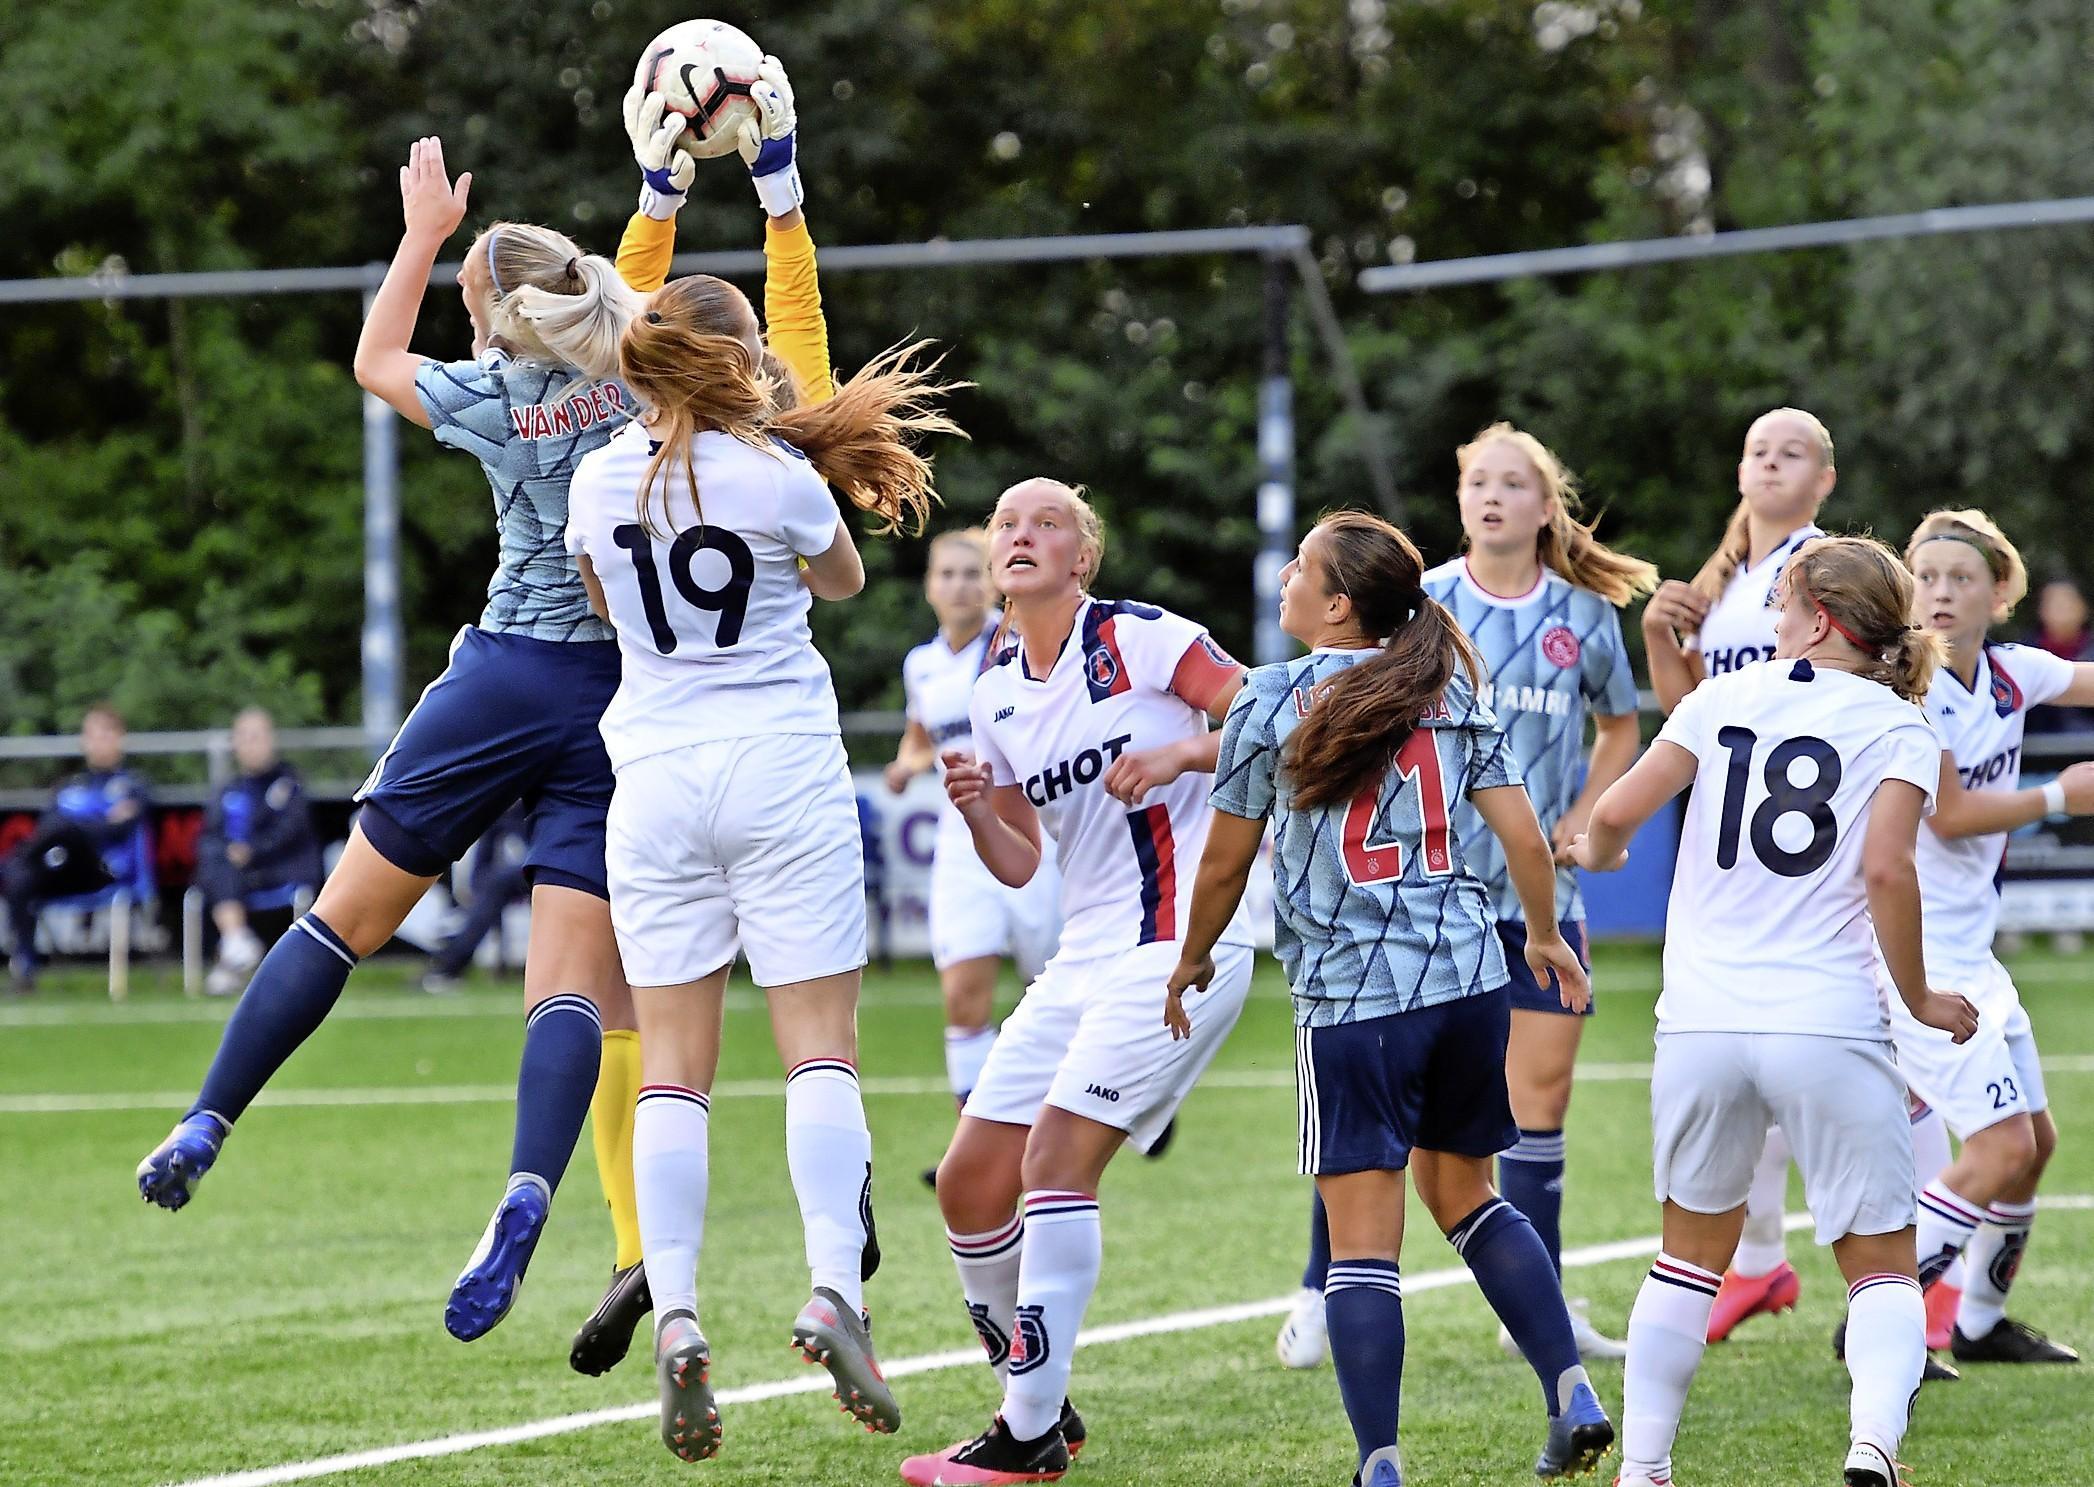 De camera's staan nu ook vol op het vrouwenvoetbal in de Nederlandse eredivisie. Wedstrijd tegen Ajax vol leermomenten voor VV Alkmaar. Speelsters willen vooral genieten